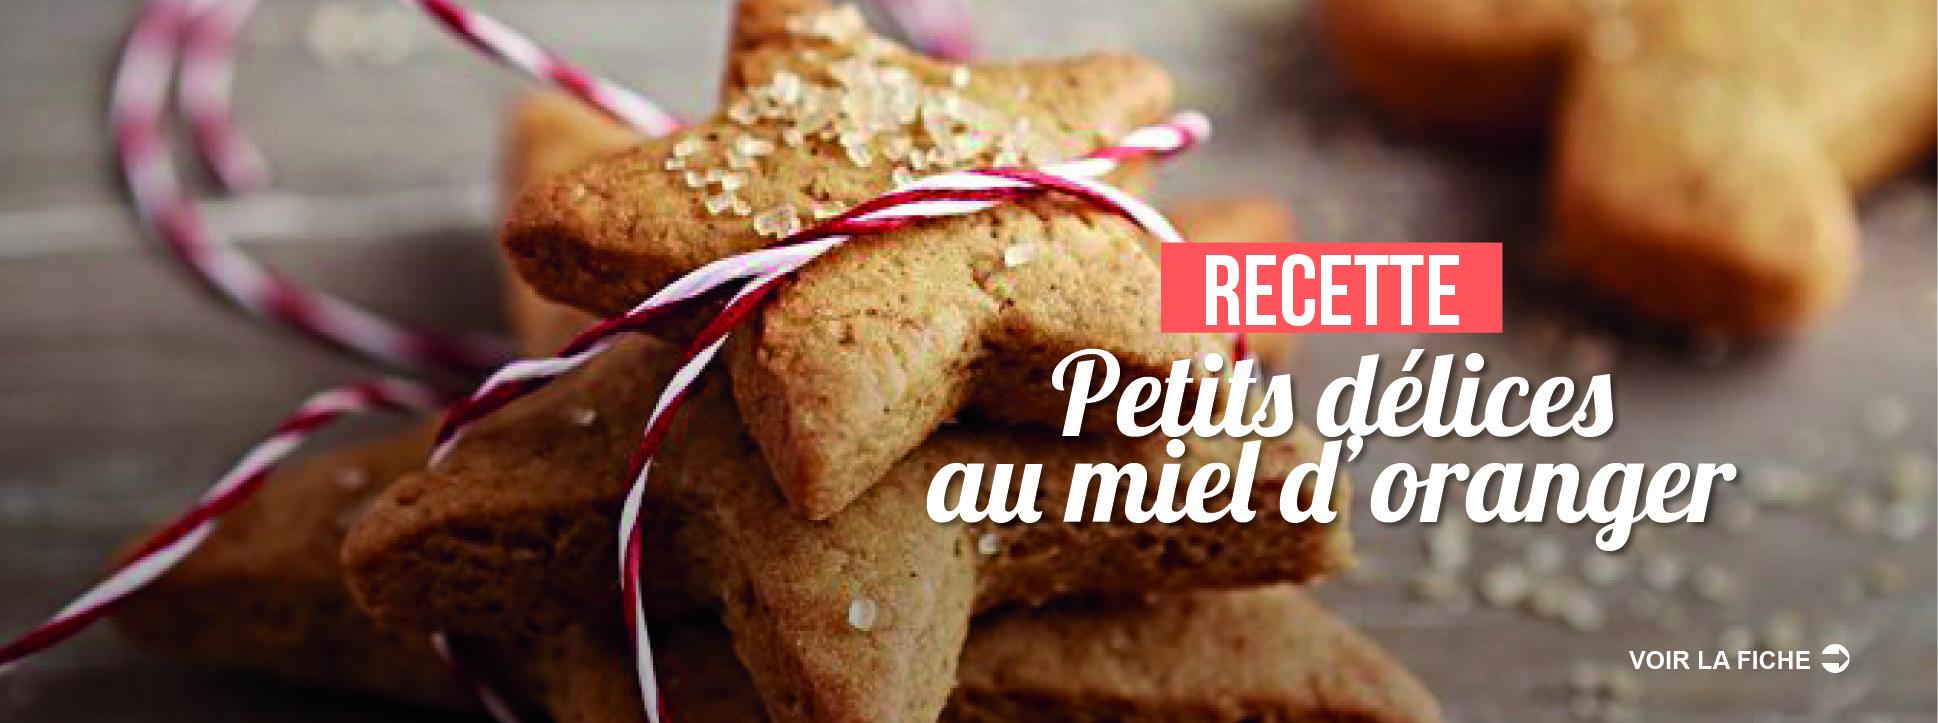 http://www.desjardins-inspirations.fr/petits-delices-au-miel-doranger/